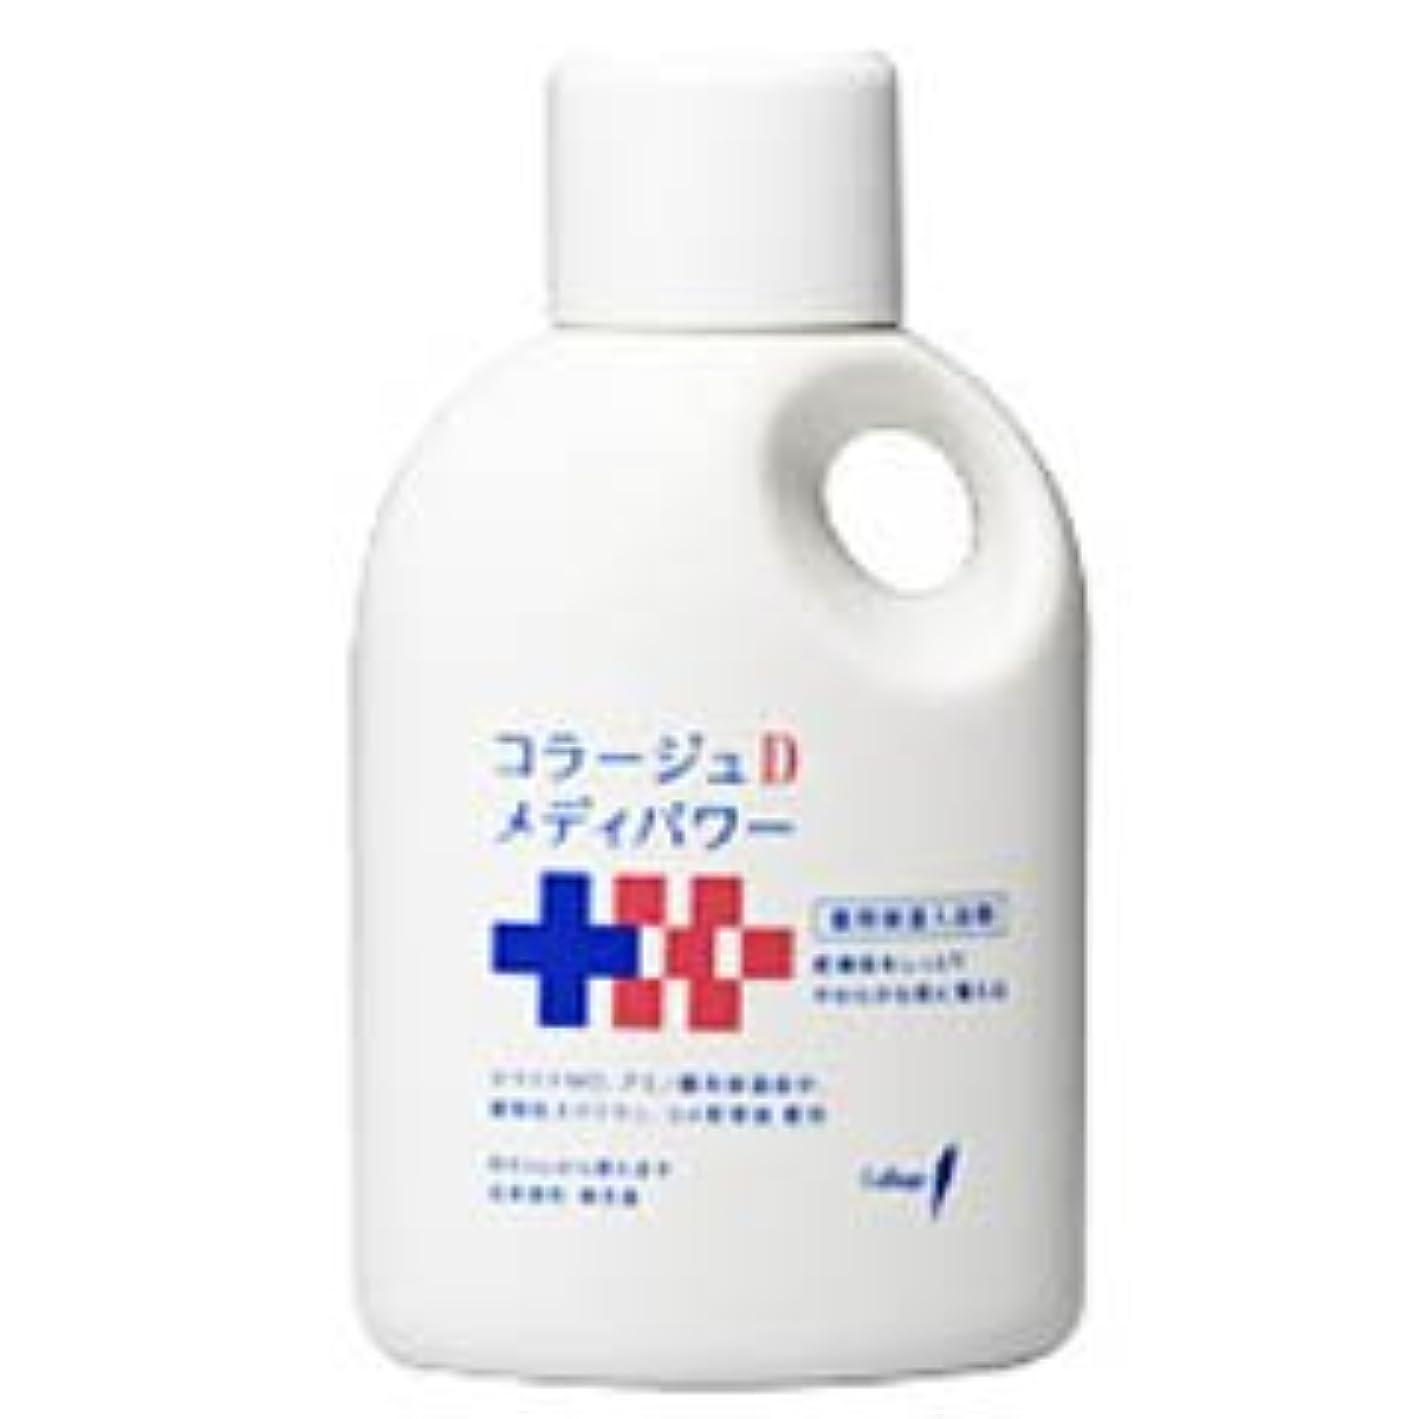 ブリリアント七面鳥主人【持田ヘルスケア】コラージュD メディパワー 保湿入浴液 500ml